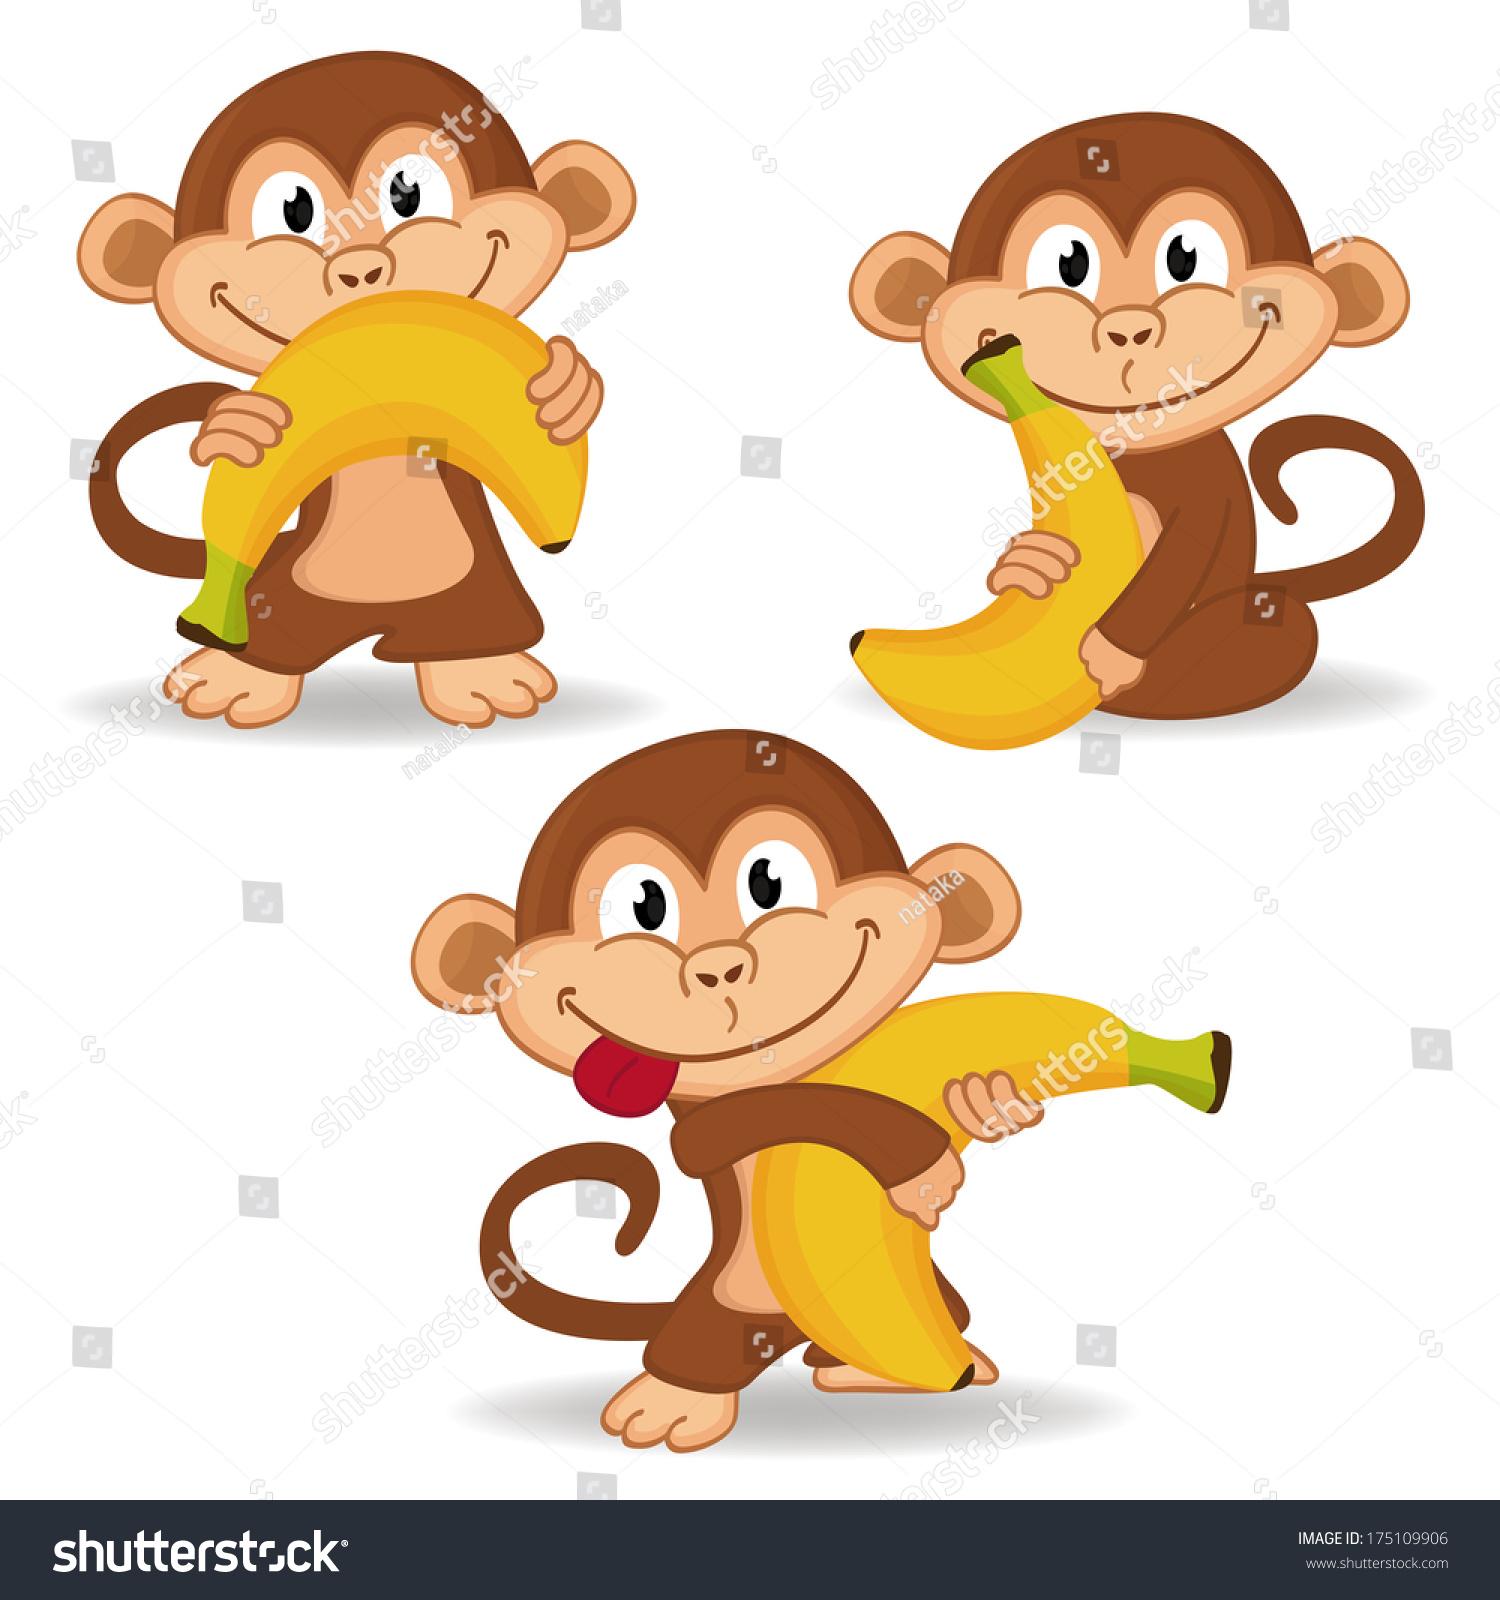 猴子和香蕉——矢量插图-动物/野生生物,背景/素材-()